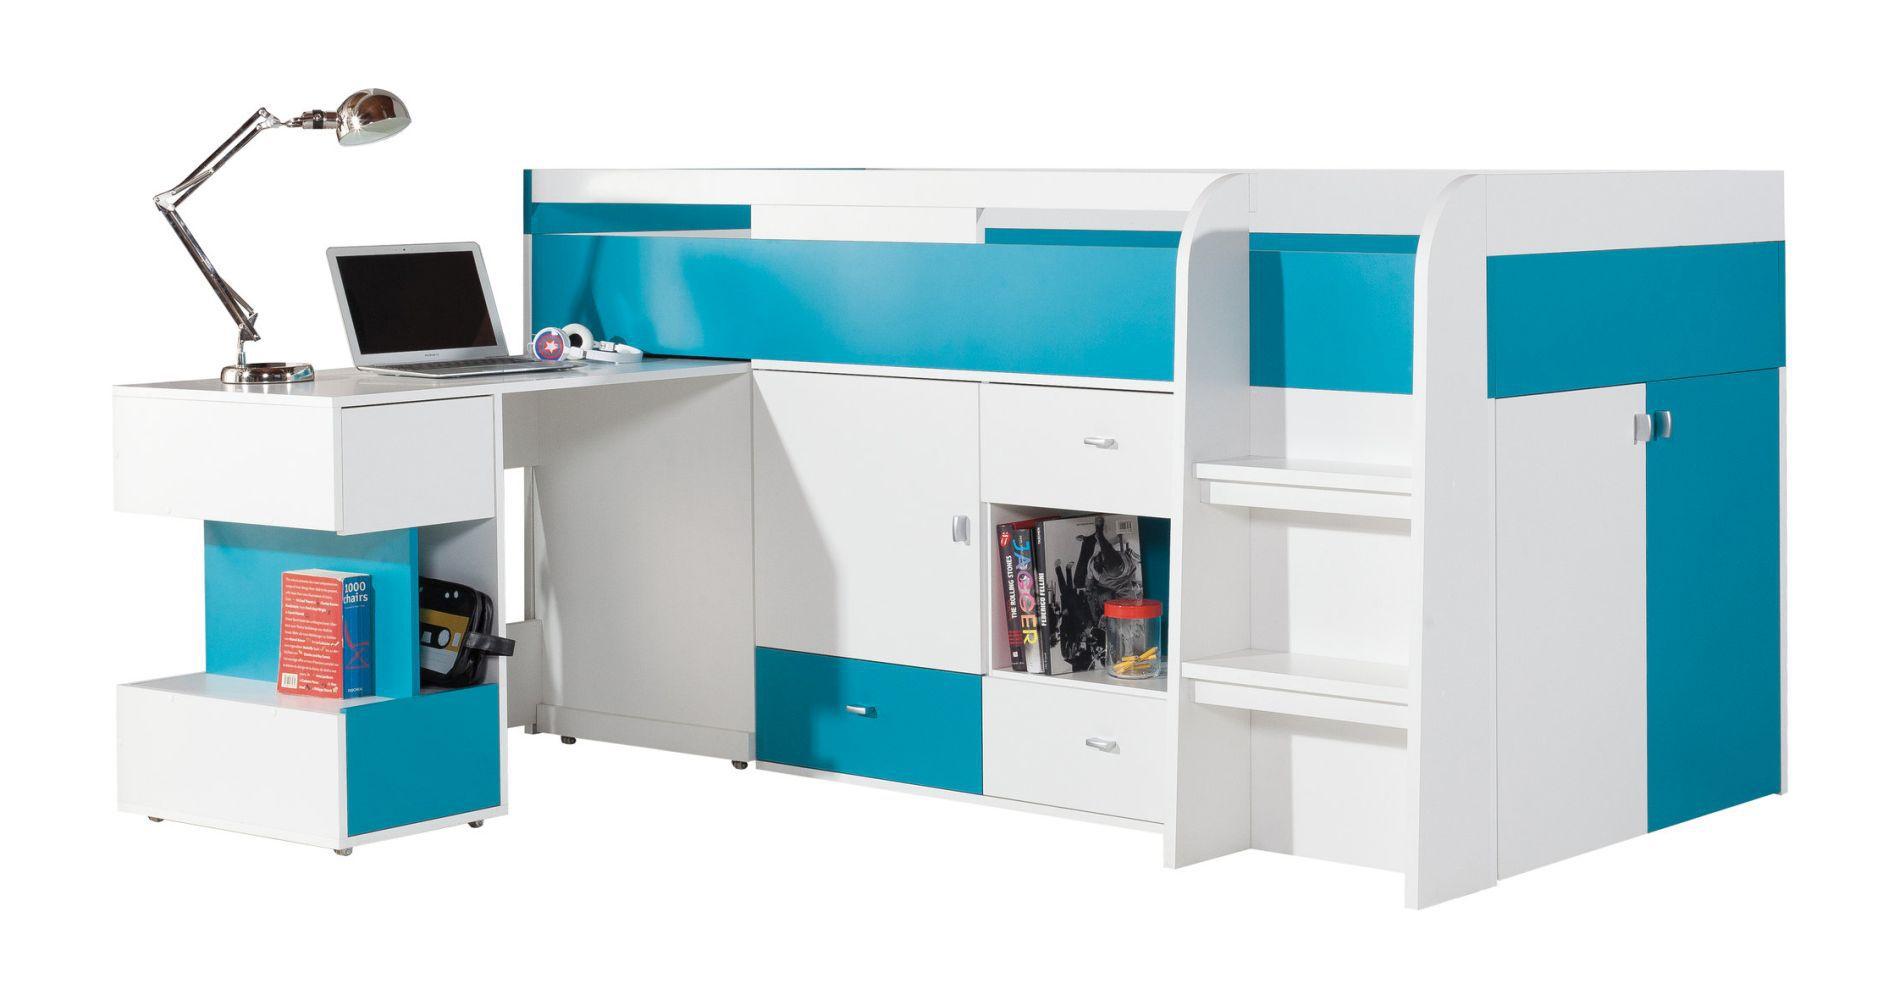 """Funktionsbett / Kinderbett / Hochbett mit Bettkasten und Schreibtisch """"Geel"""" 21, Weiß / Türkis - Liegefläche: 90 x 200 (B x L)"""